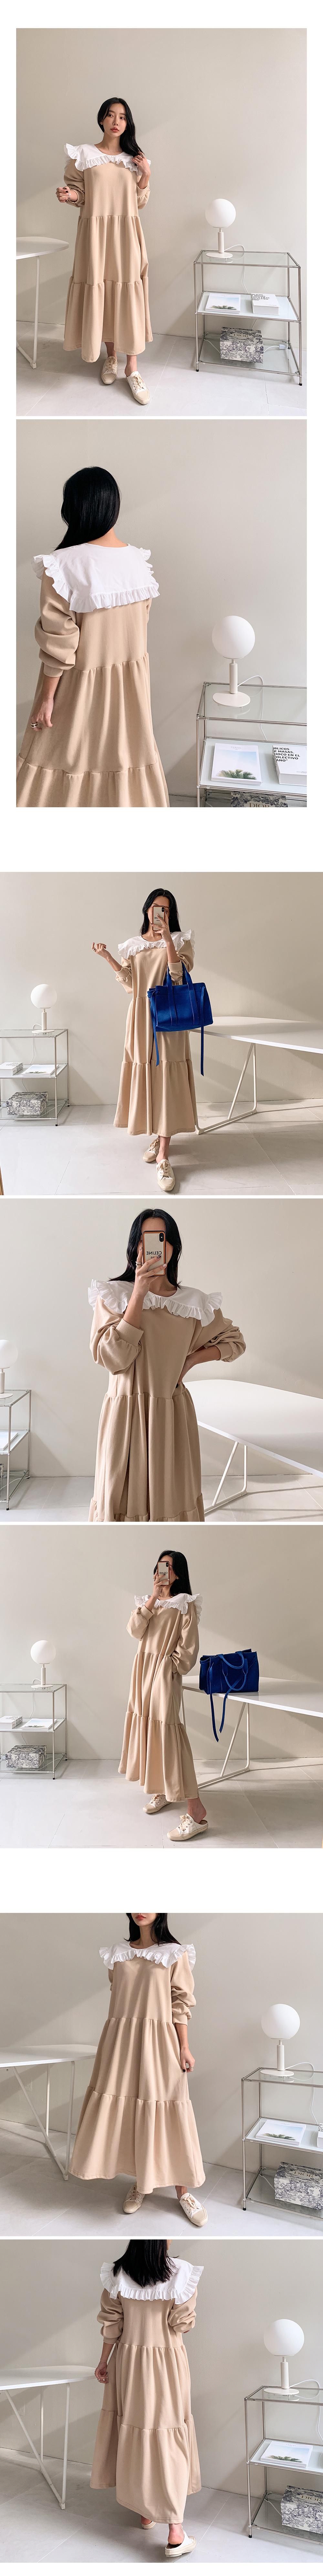 블레이저 모델 착용 이미지-S2L2